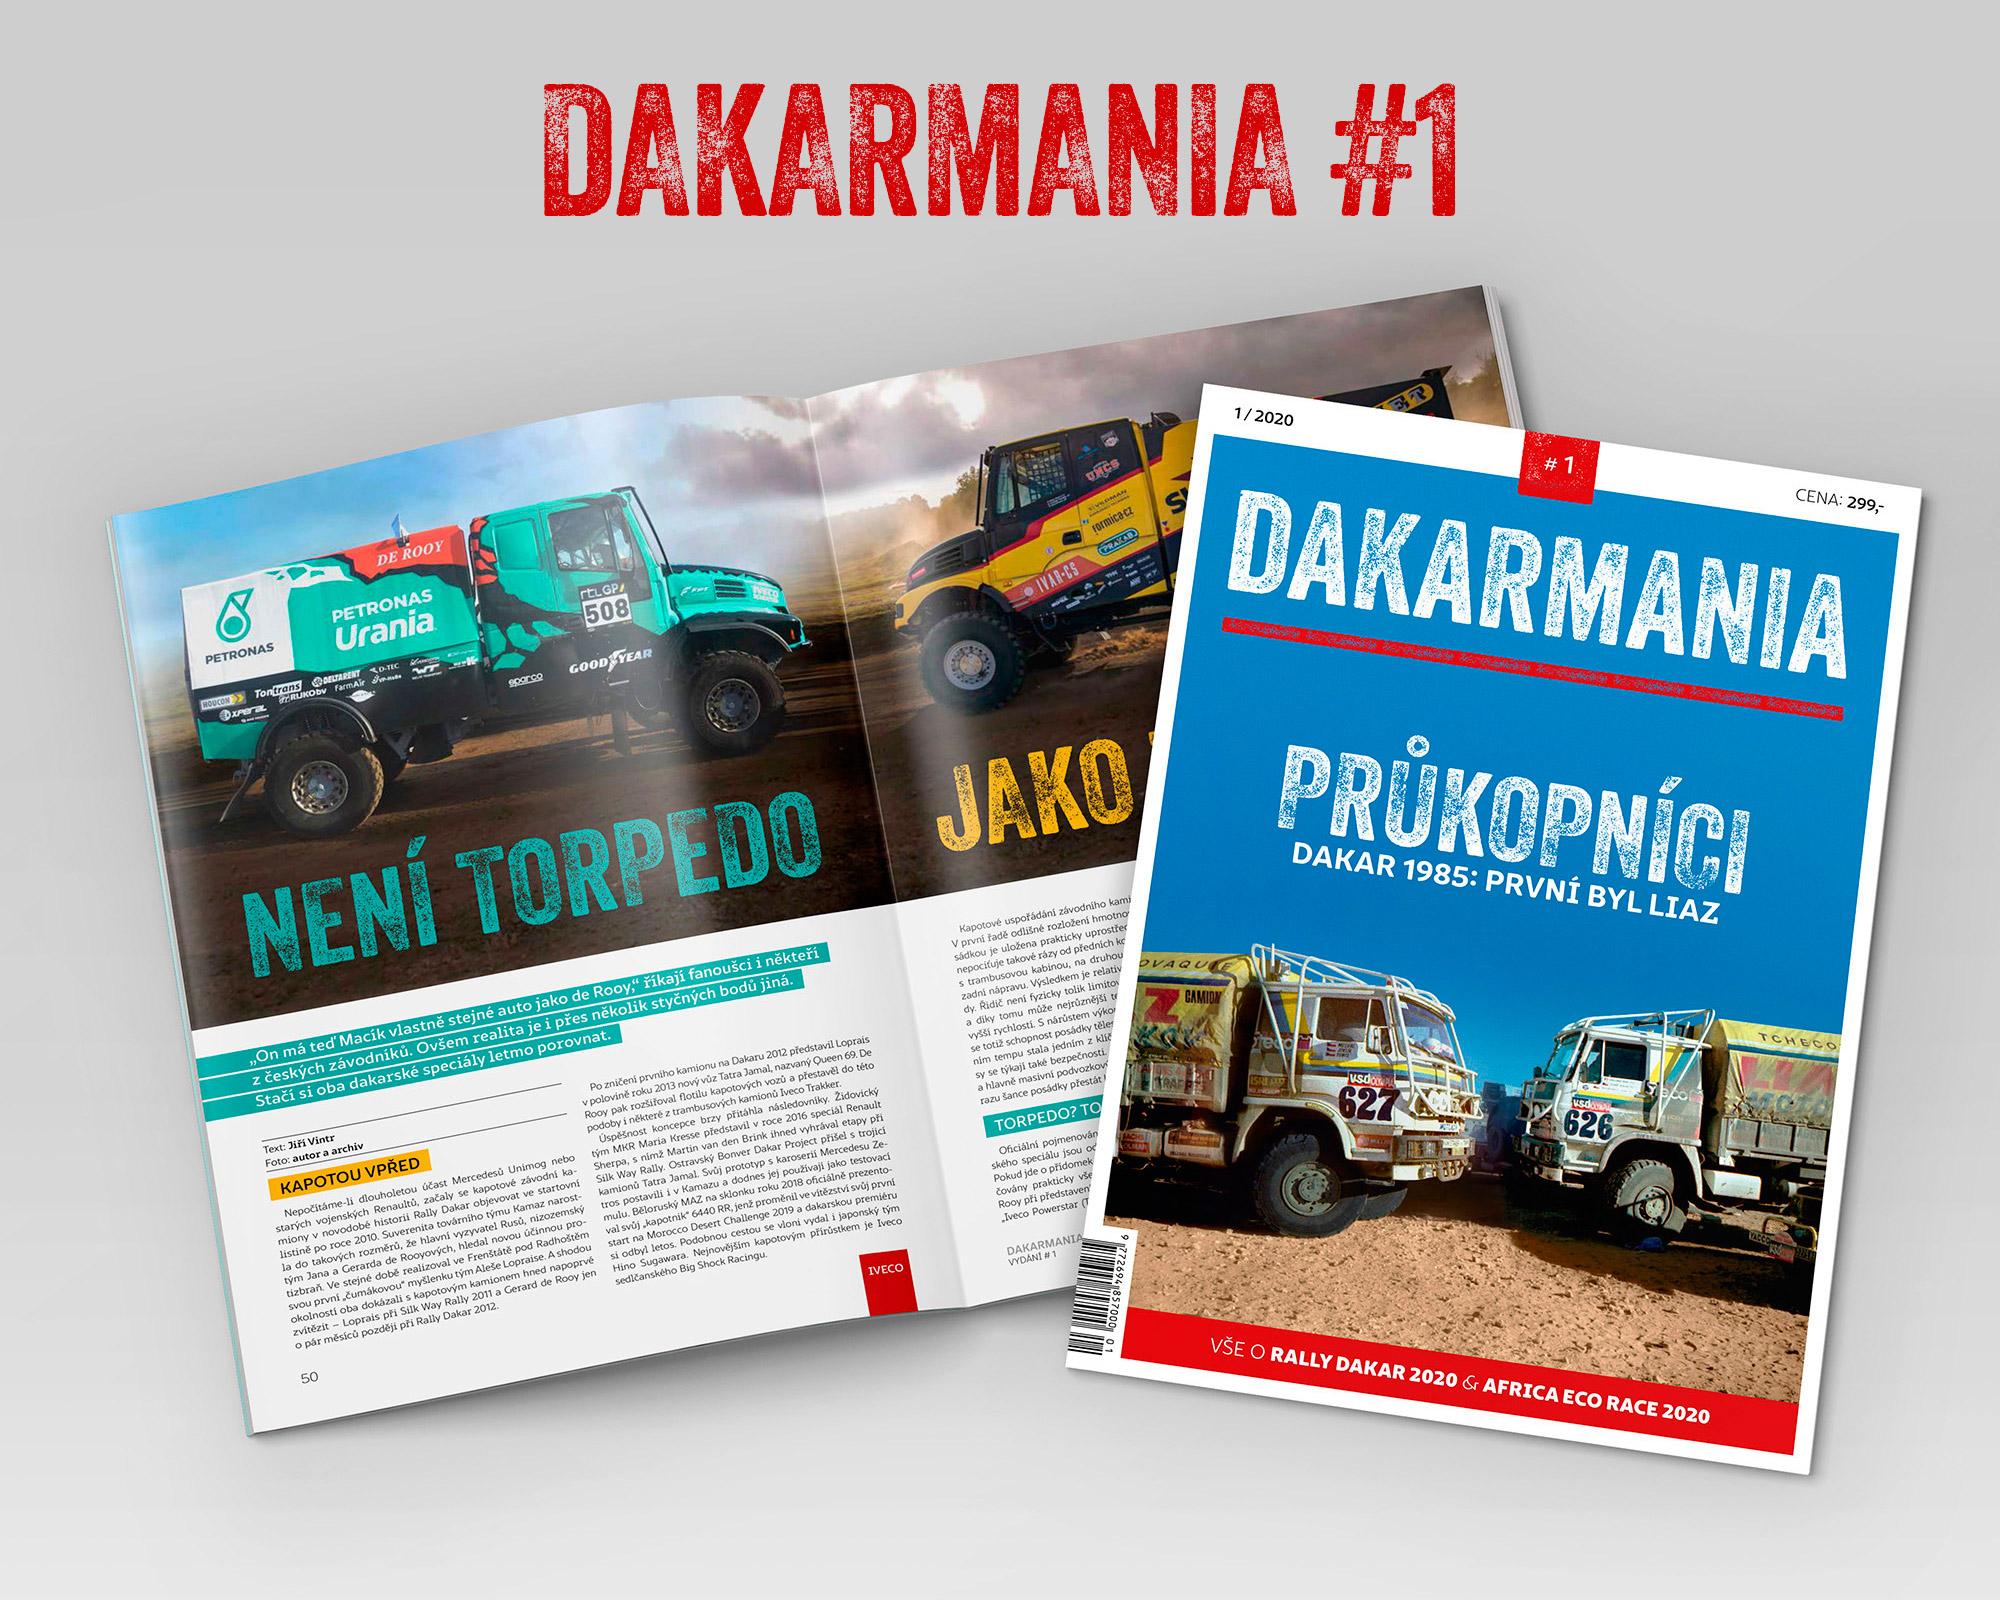 DAKARMANIA #1